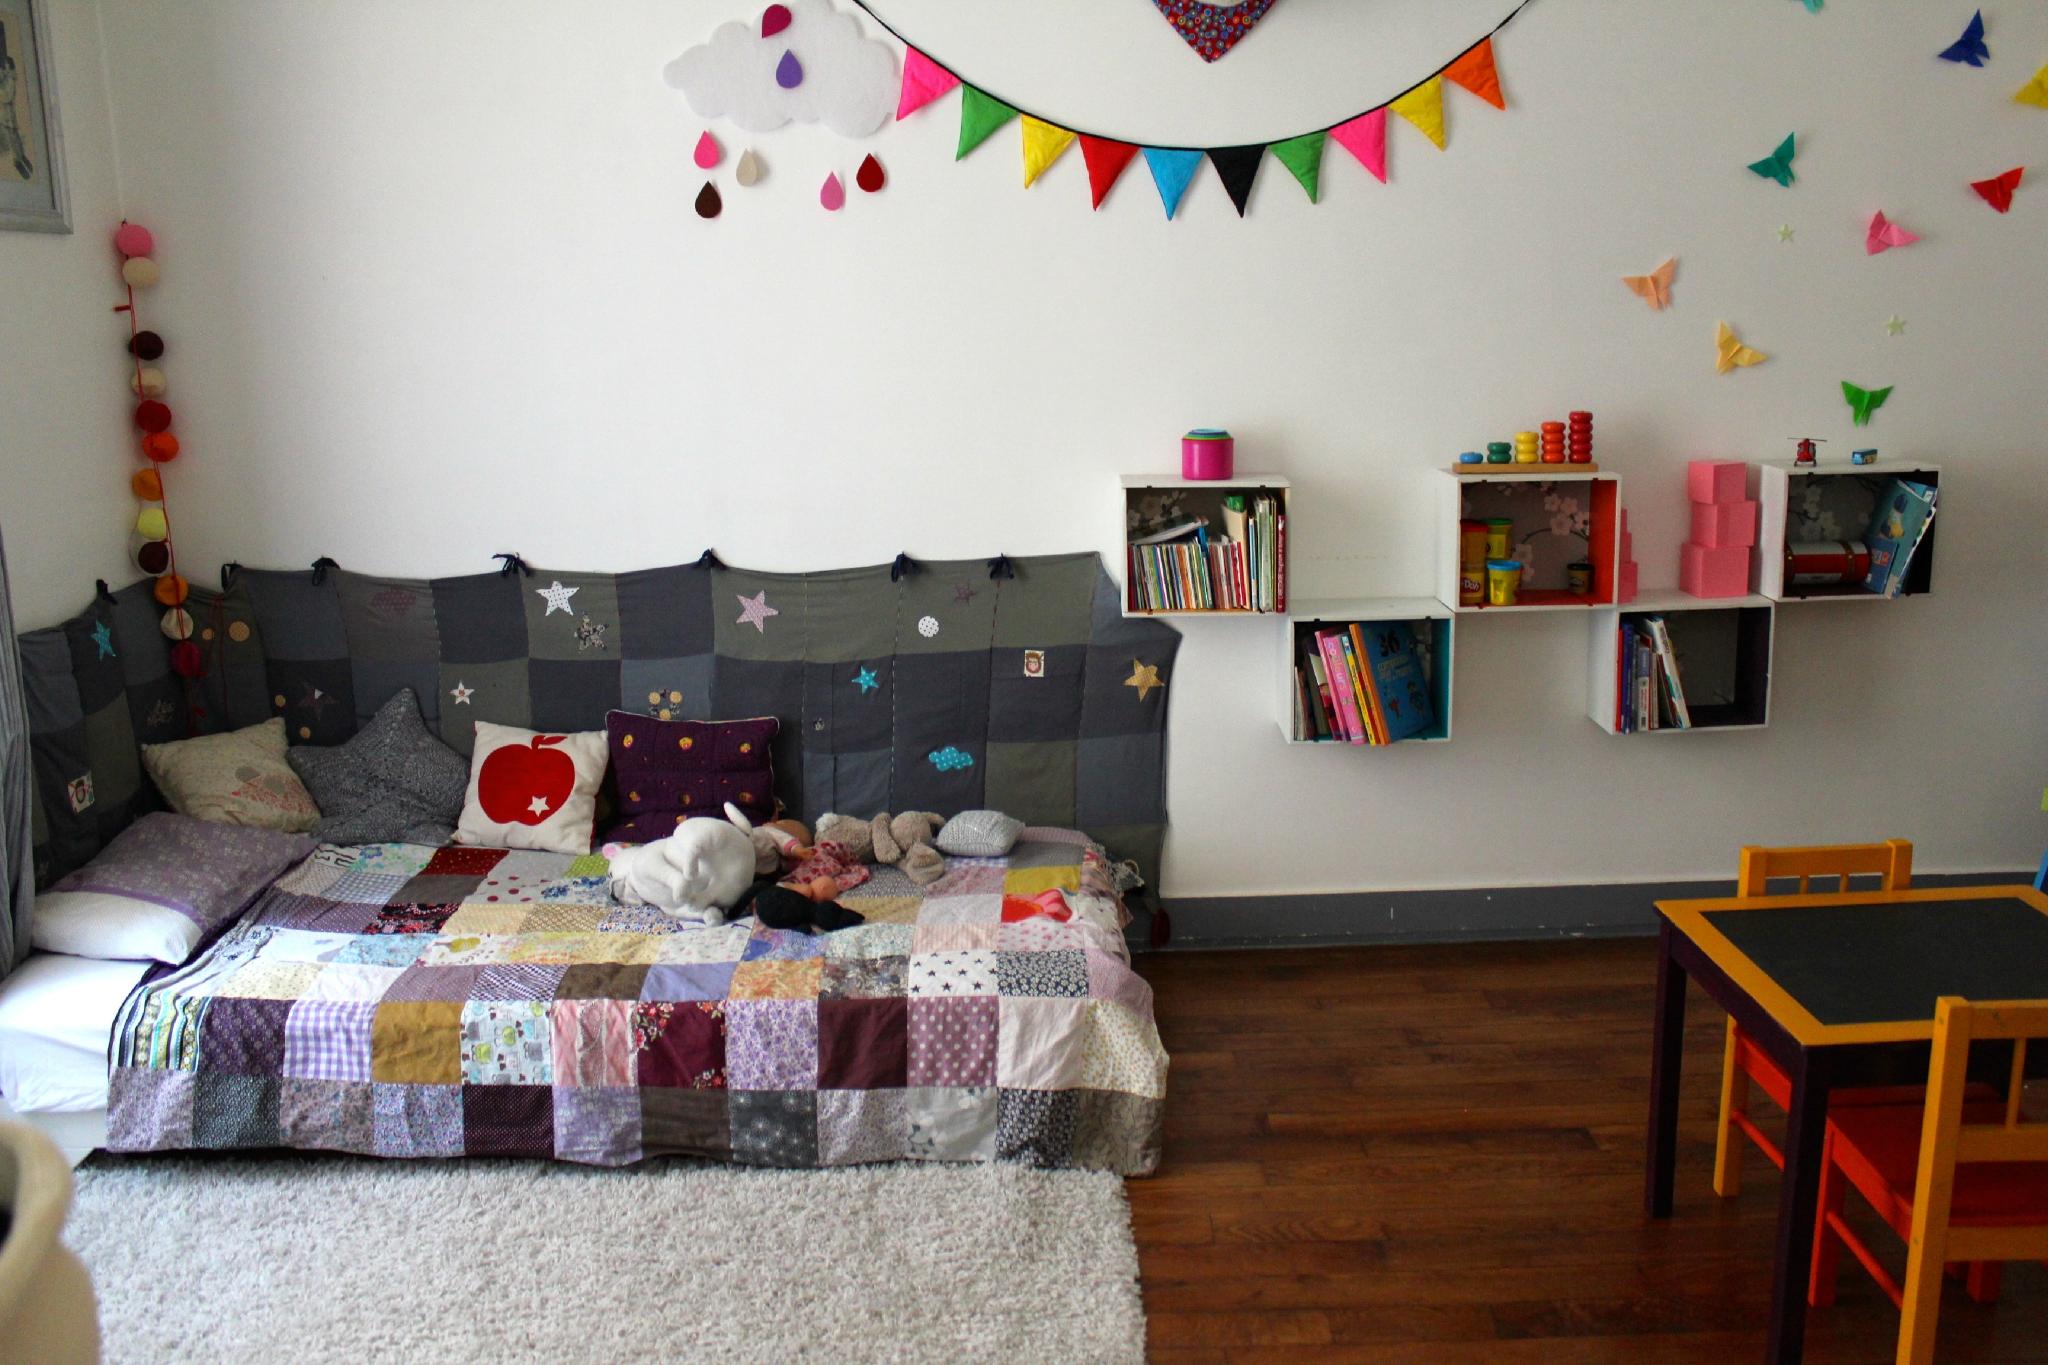 Chambre Matelas Au Sol aménager une chambre d'enfant dans l'esprit « montessori